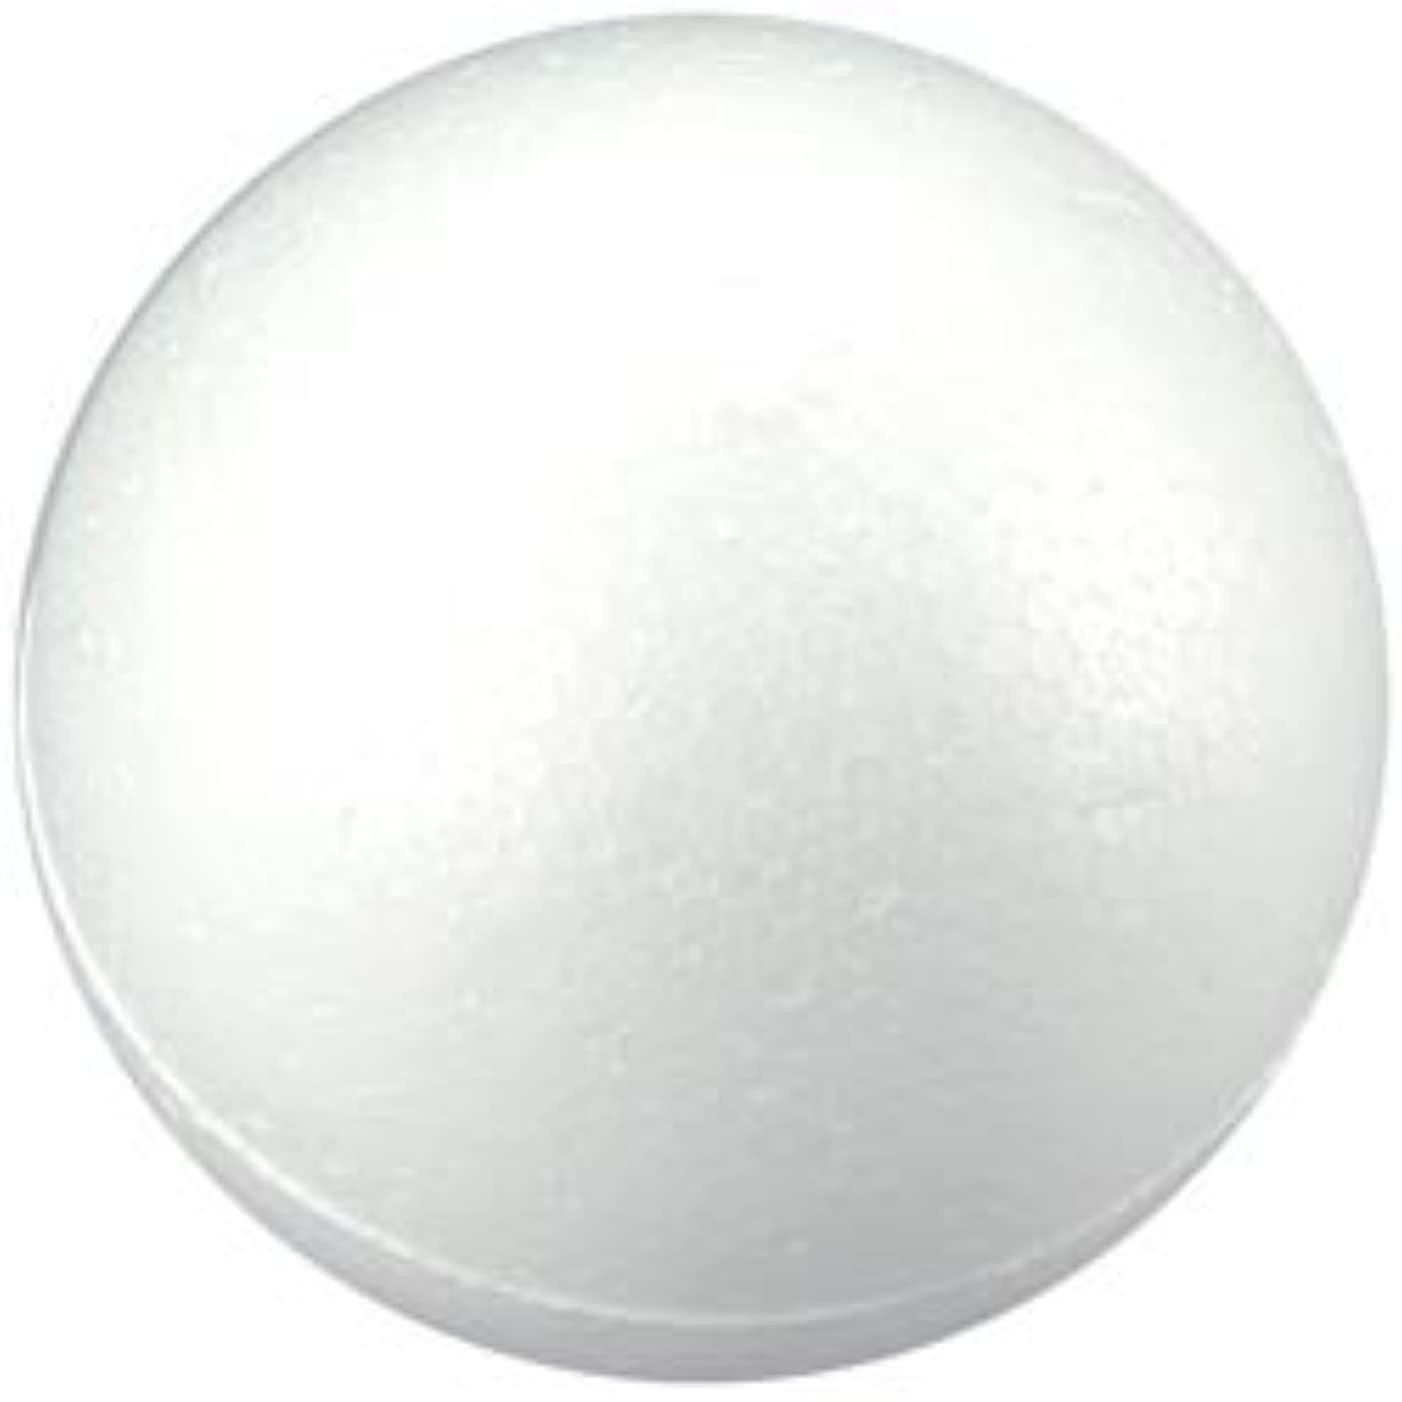 Bulk Buy: Smoothfoam Styrofoam Balls 1